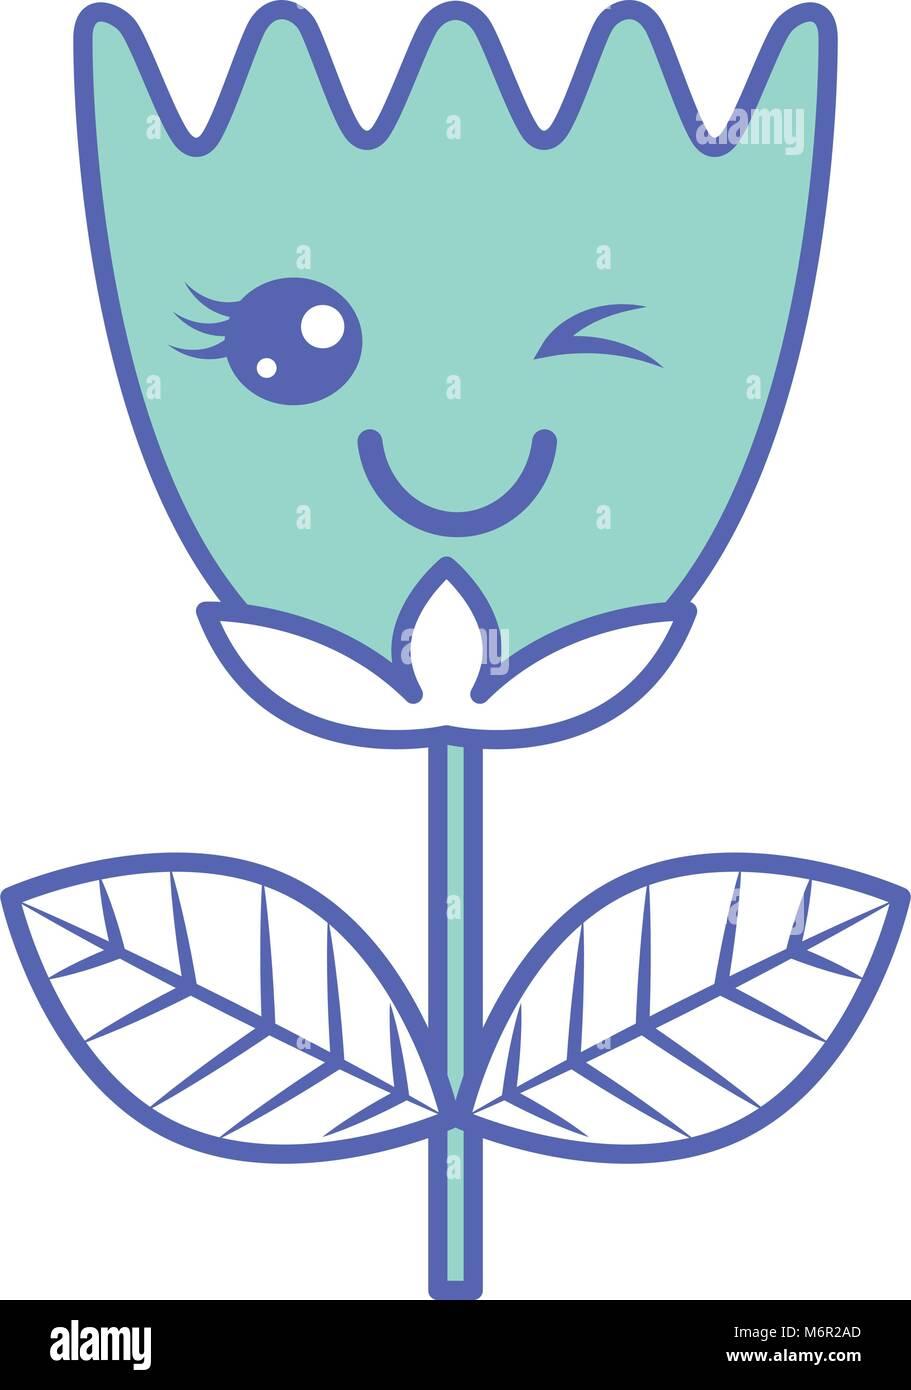 3e818b04fb Kawaii wink fiore foglie tulip cartoon illustrazione vettoriale verde  immagine pastello